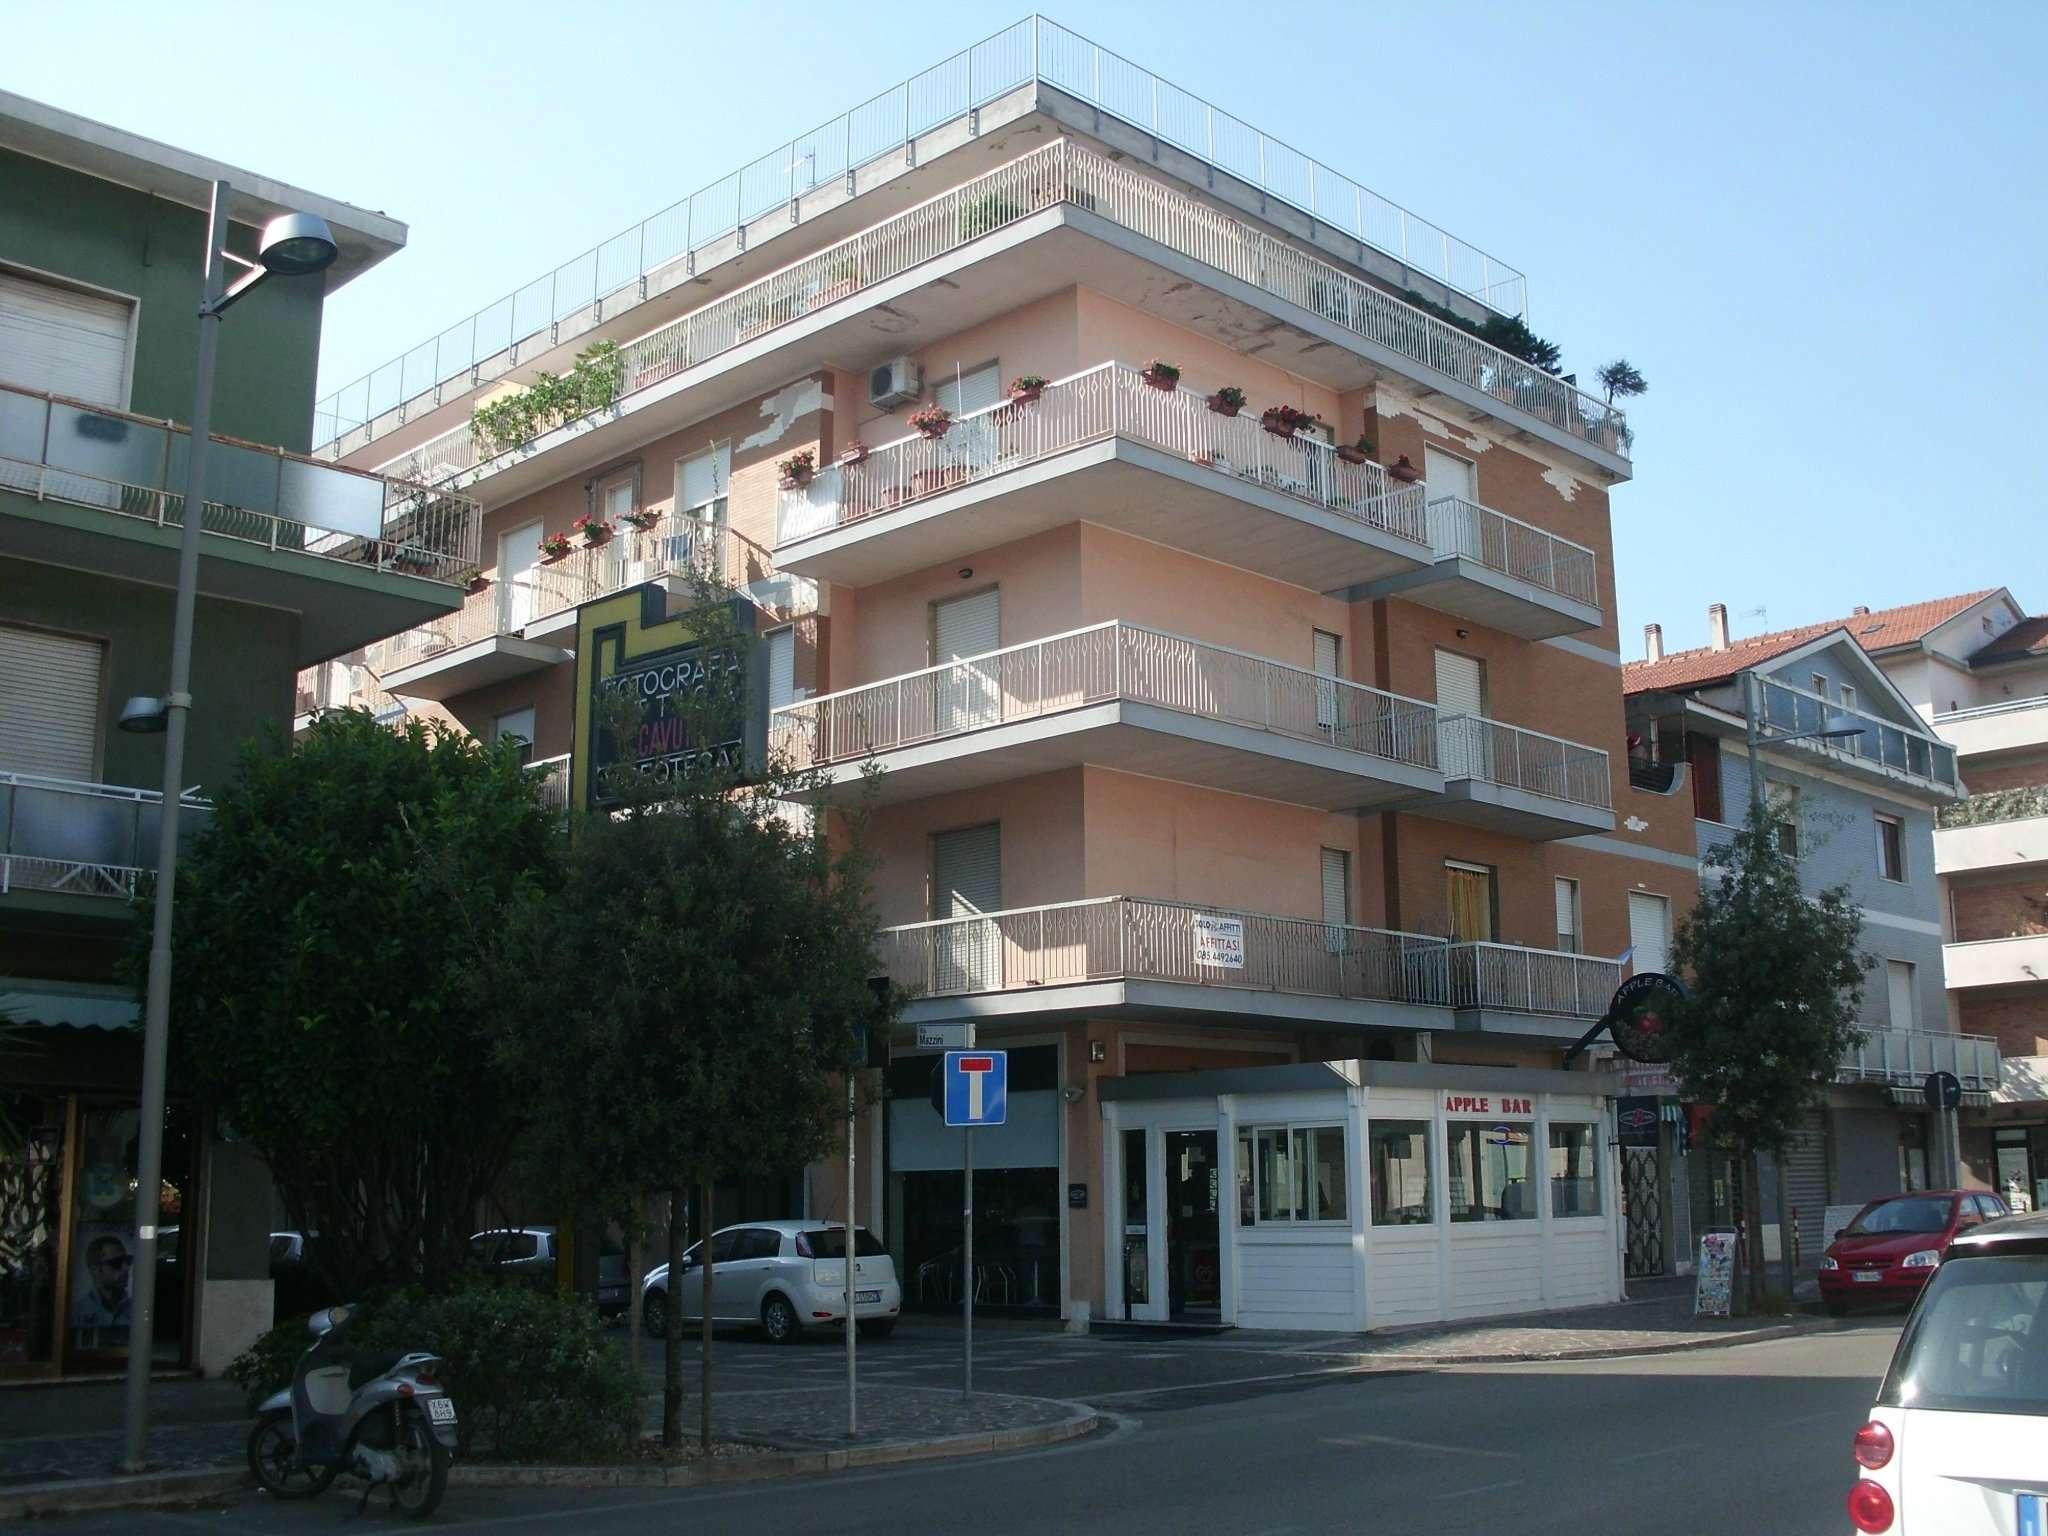 Ufficio / Studio in affitto a Montesilvano, 3 locali, prezzo € 500   CambioCasa.it